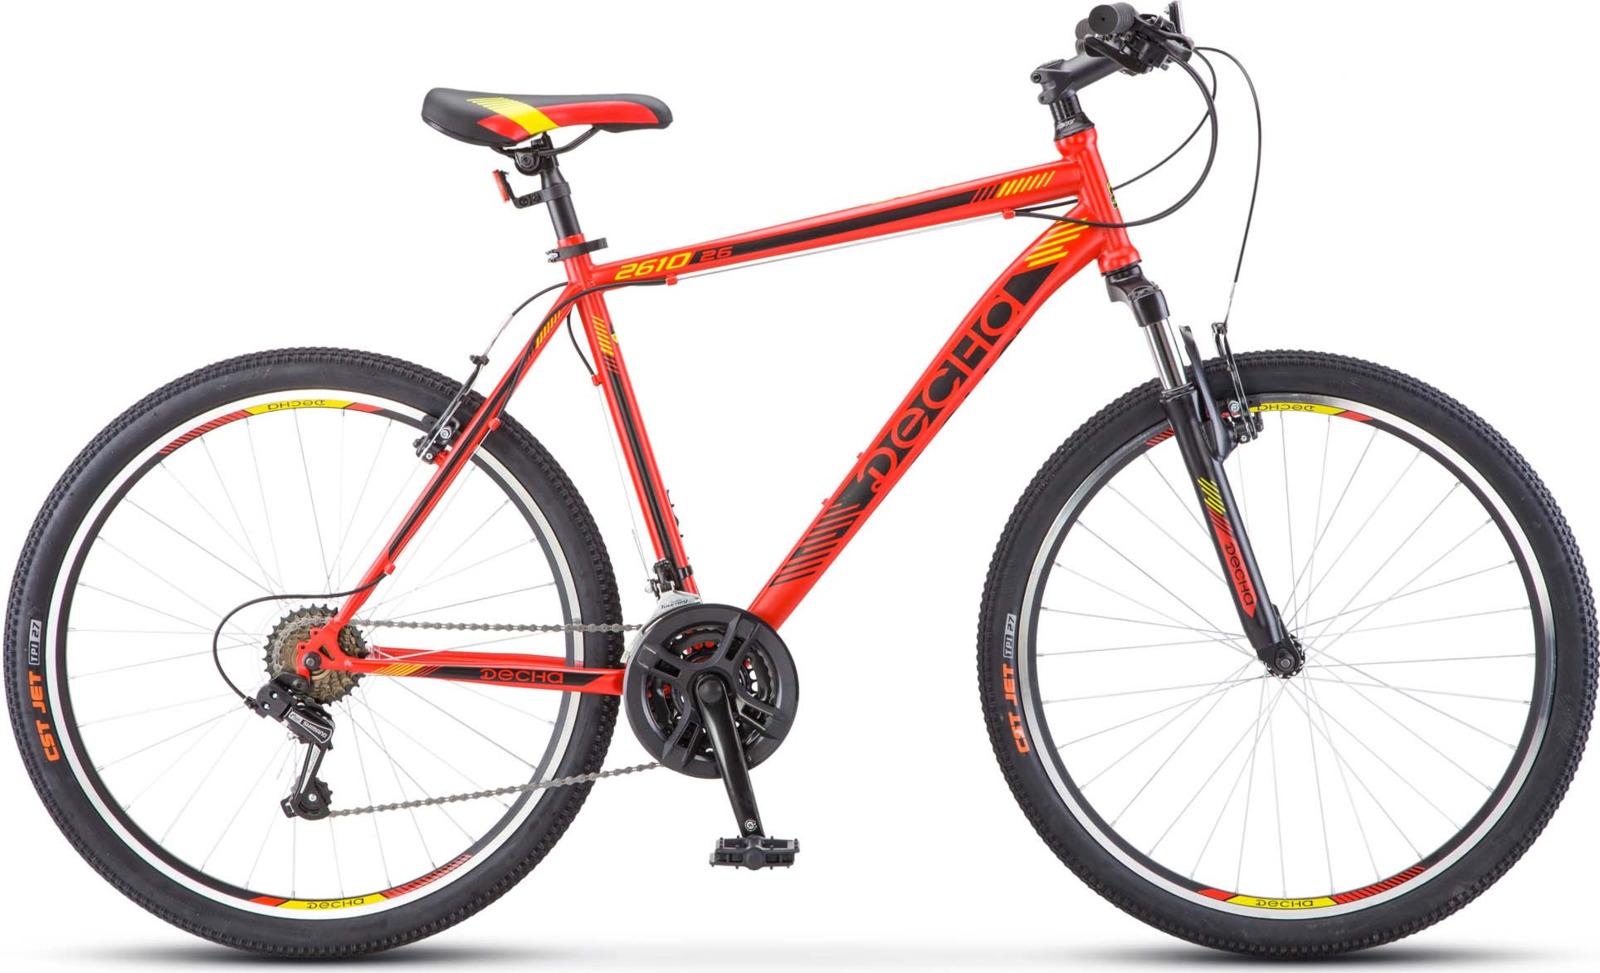 Велосипед Stels Десна-2610 V 26, KUBC0044762017, красный велосипед stels challenger v 2016